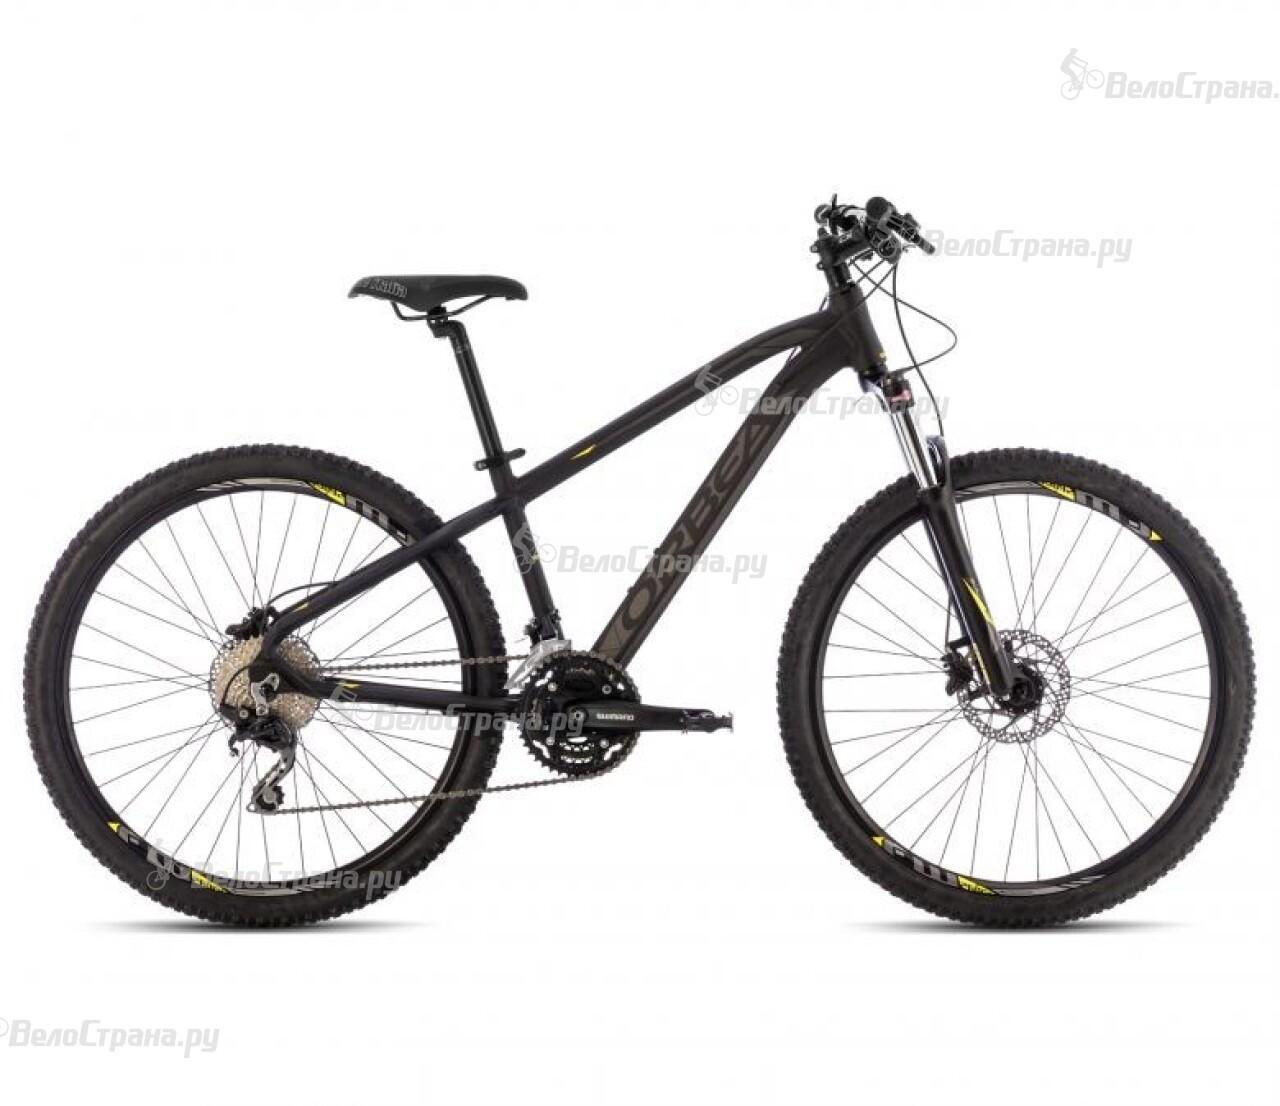 Велосипед Orbea Mx 26 10 Dama (2014) велосипед orbea orca dama gth 2013